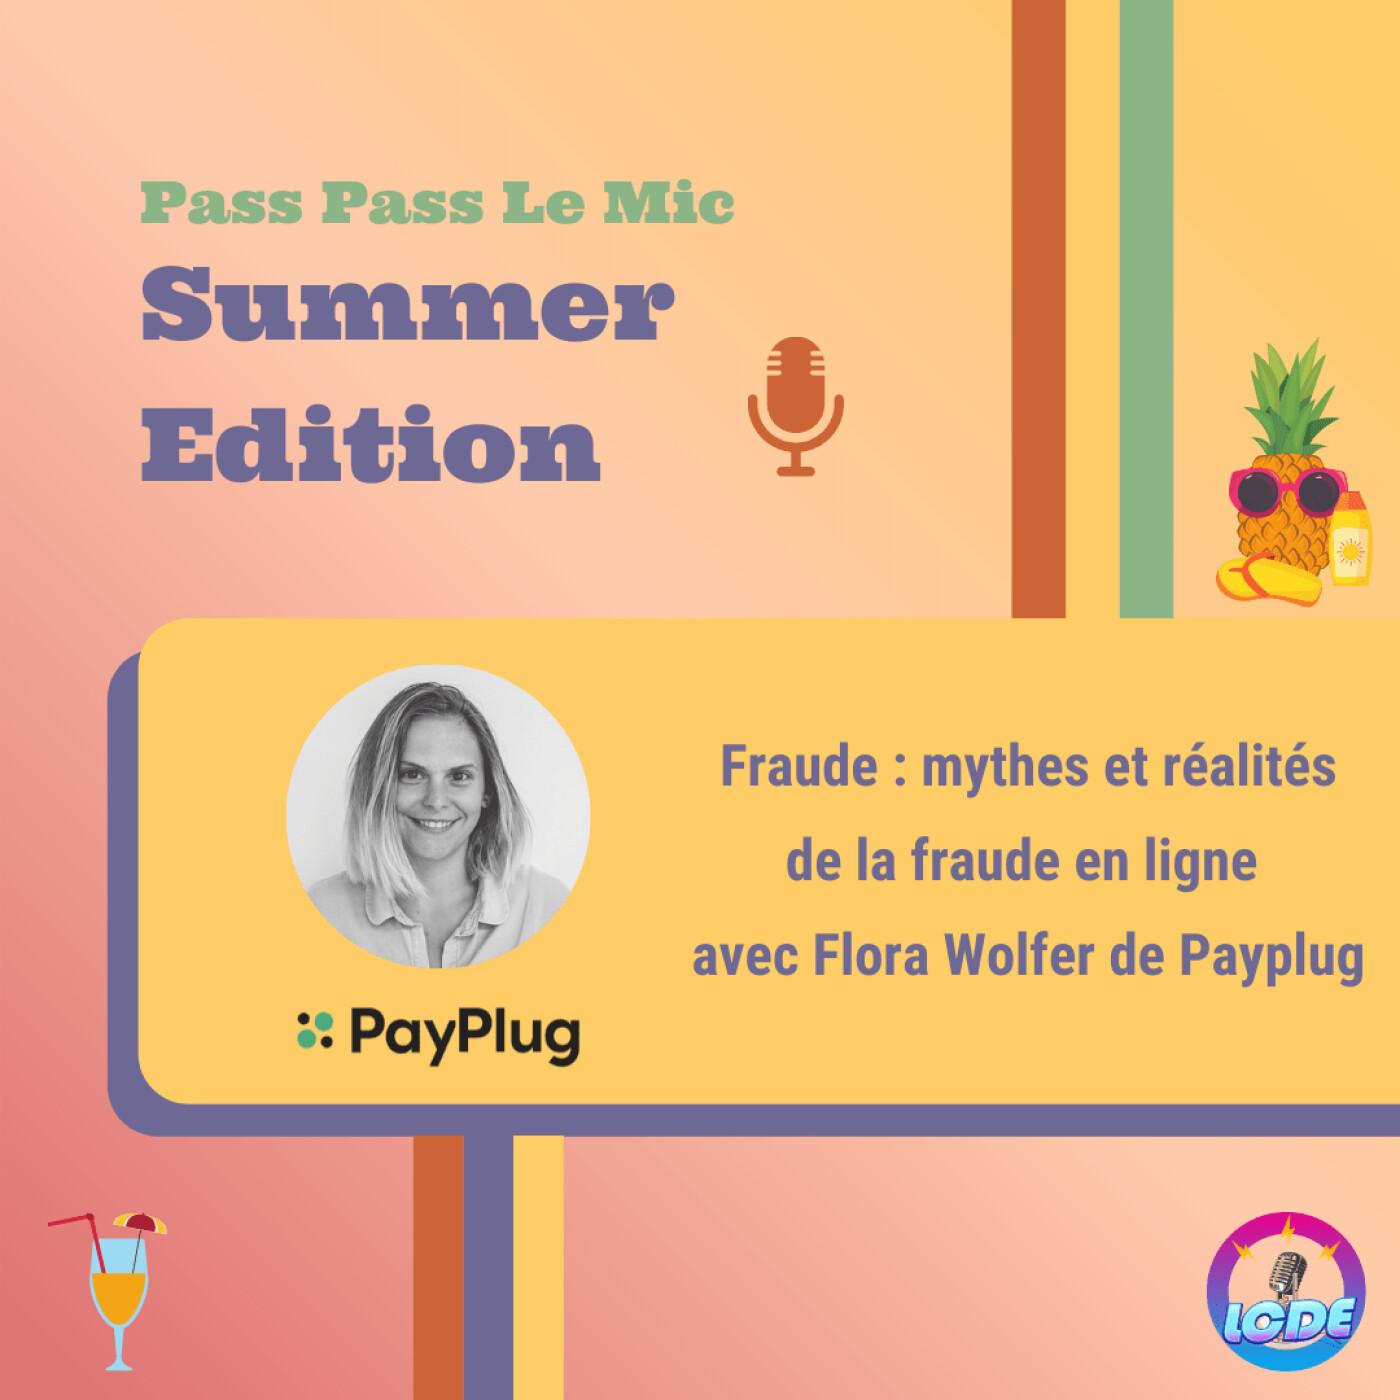 PPLM Summer Edition - Fraude : mythes et réalités de la fraude en ligne avec Flora Wolfer de Payplu